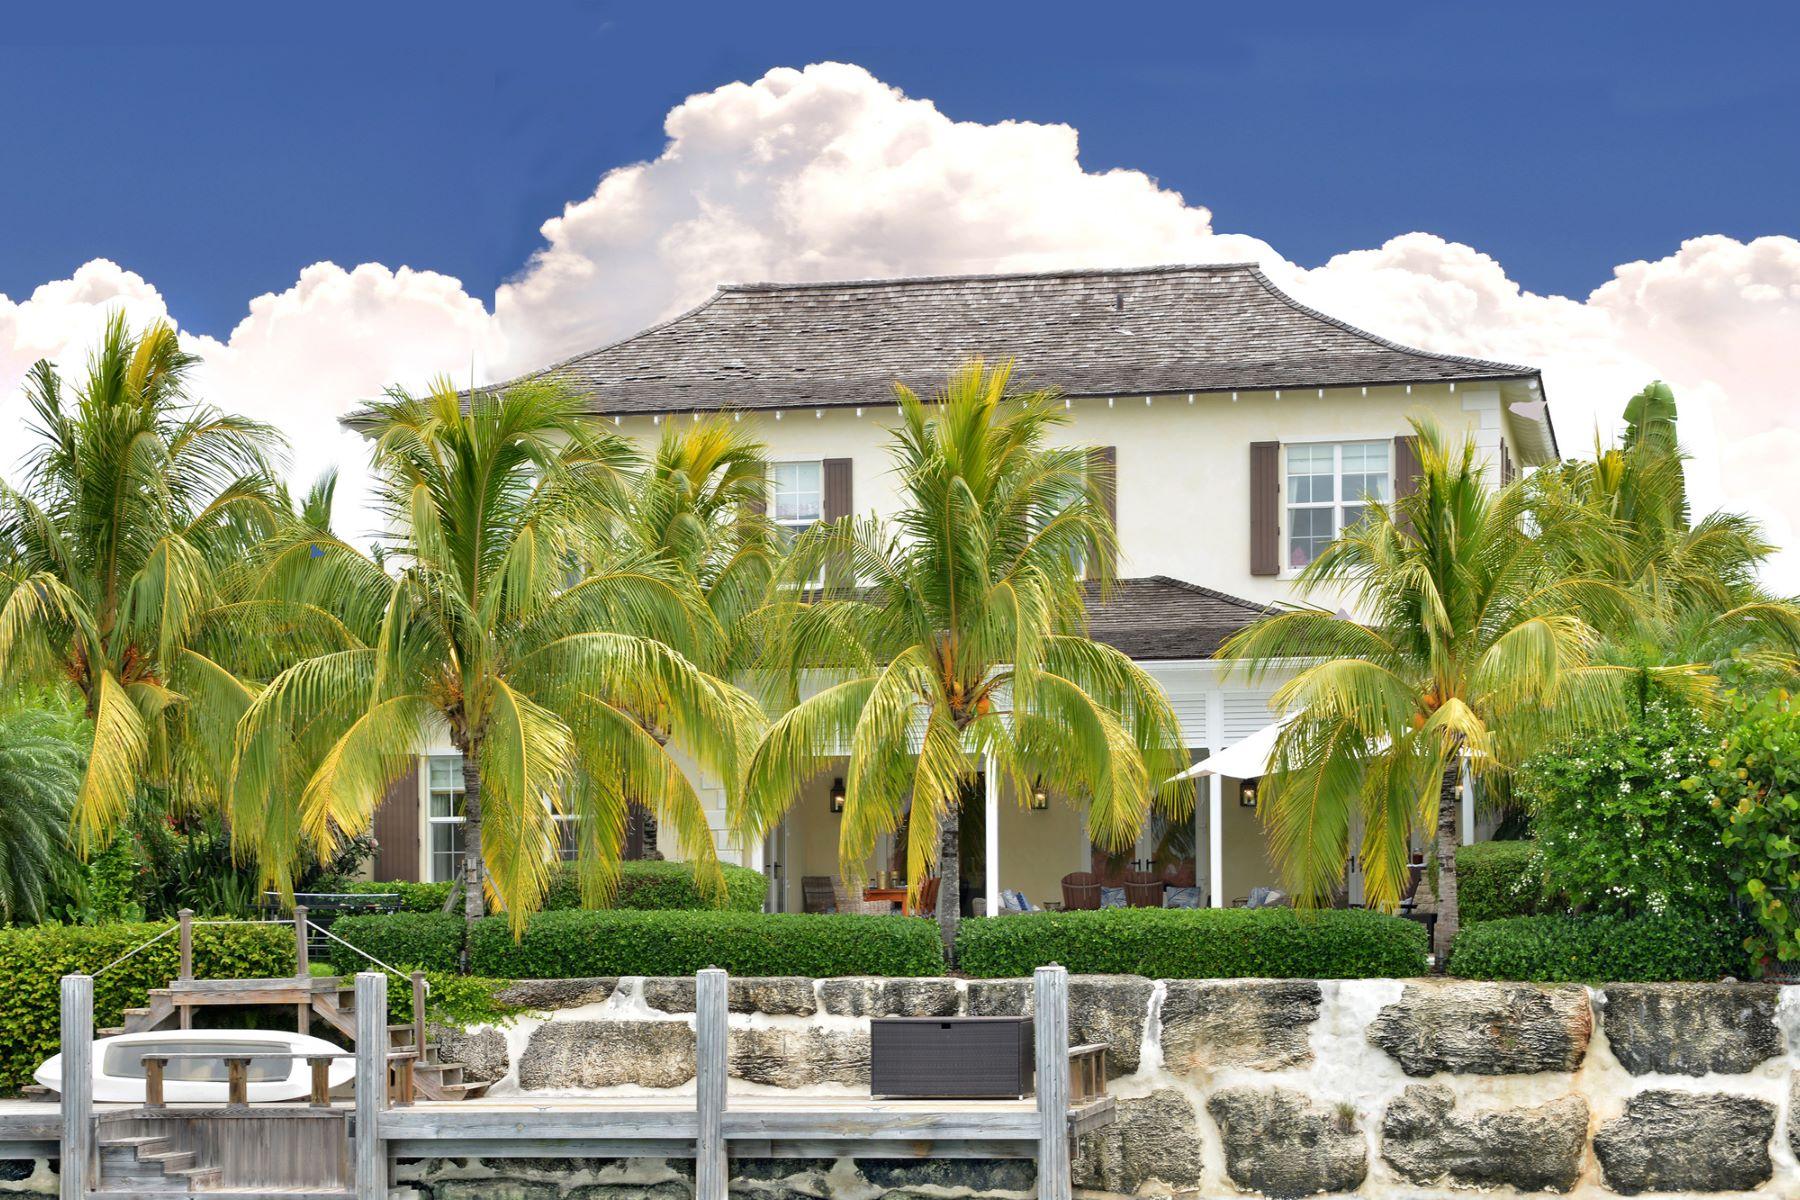 Casa Unifamiliar por un Venta en Villa Coco, #29 Charlotte Island Old Fort Bay, Nueva Providencia / Nassau Bahamas